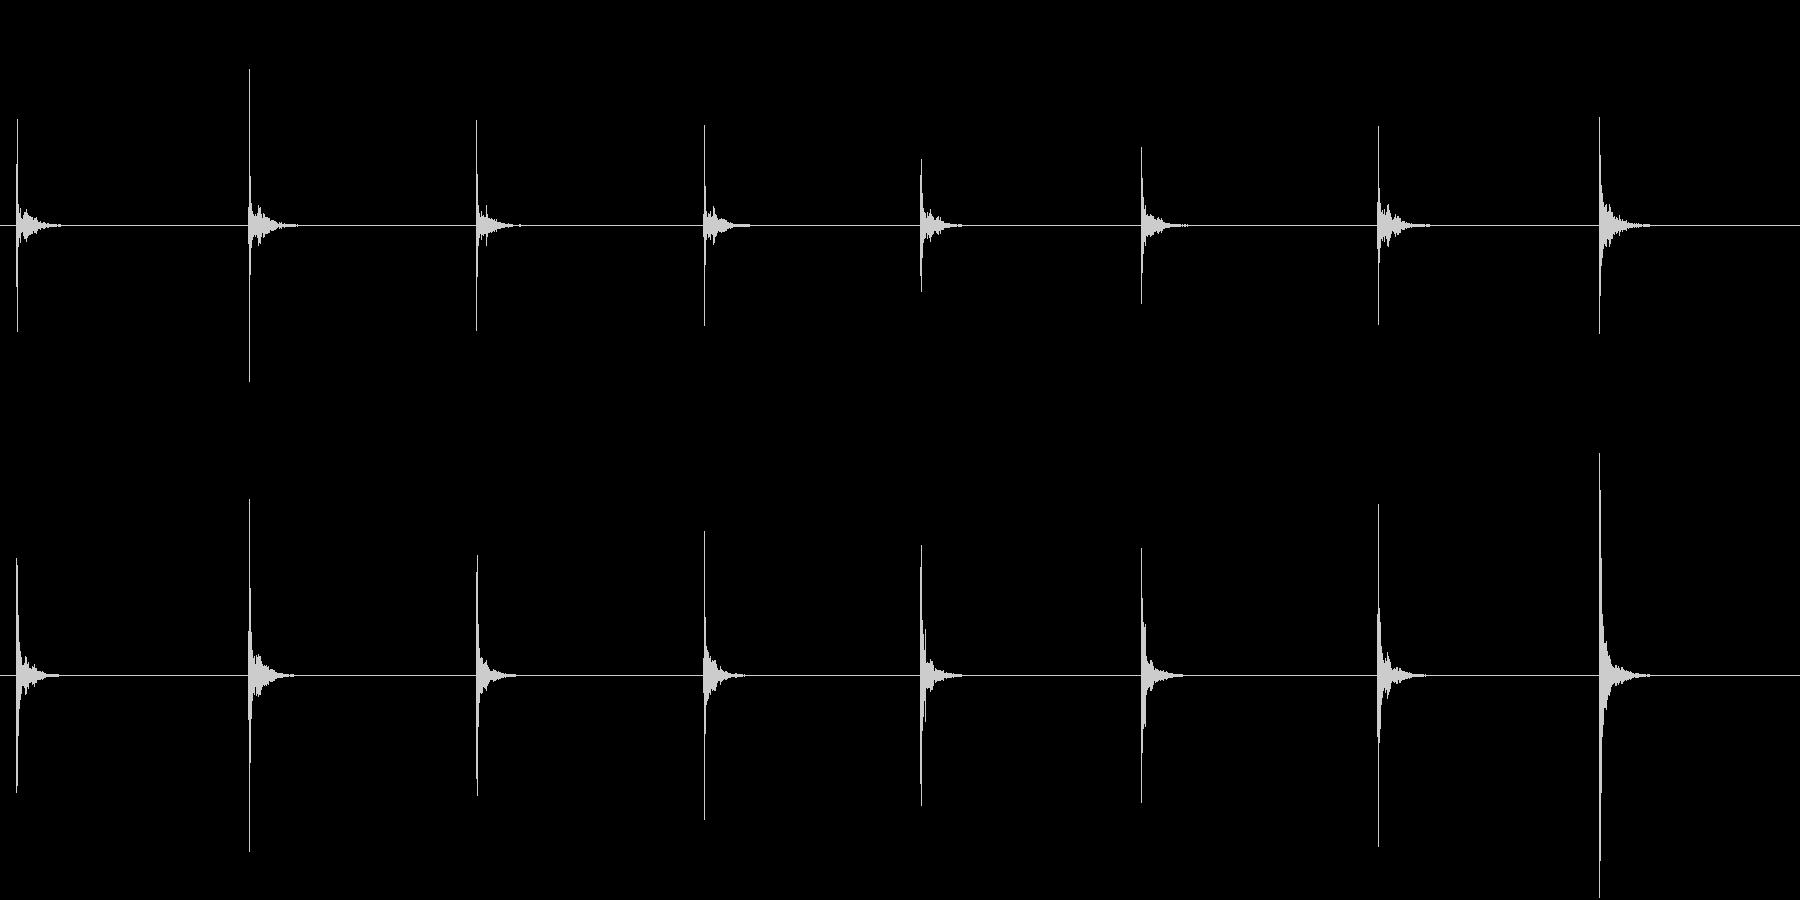 【生録音】お箸の音 4 カチカチと鳴るの未再生の波形